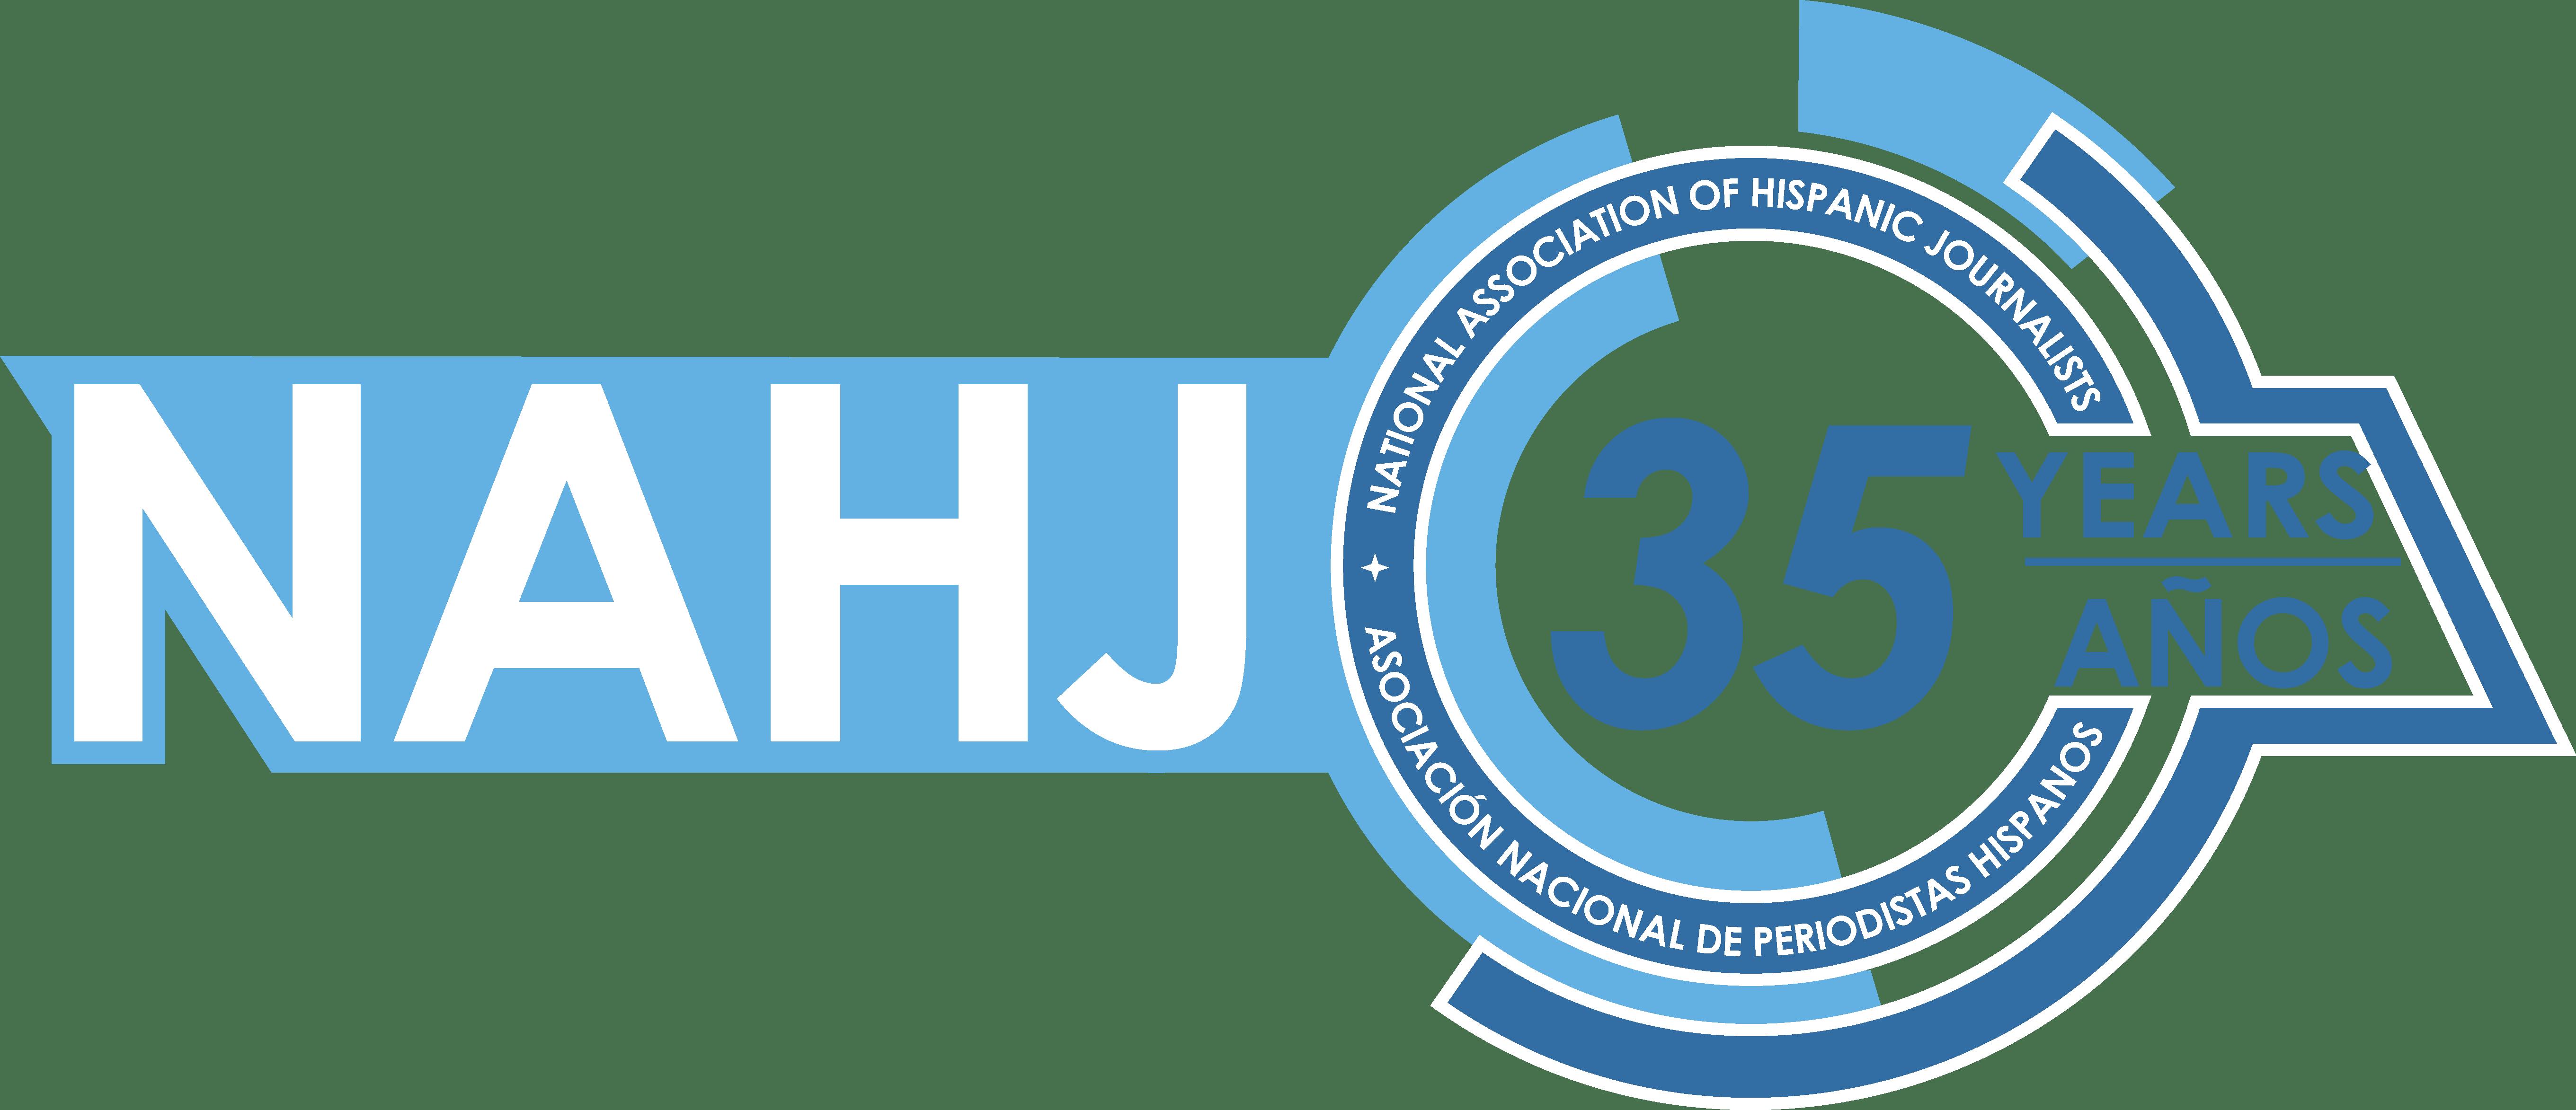 nahj_35th-logo-clockwork1